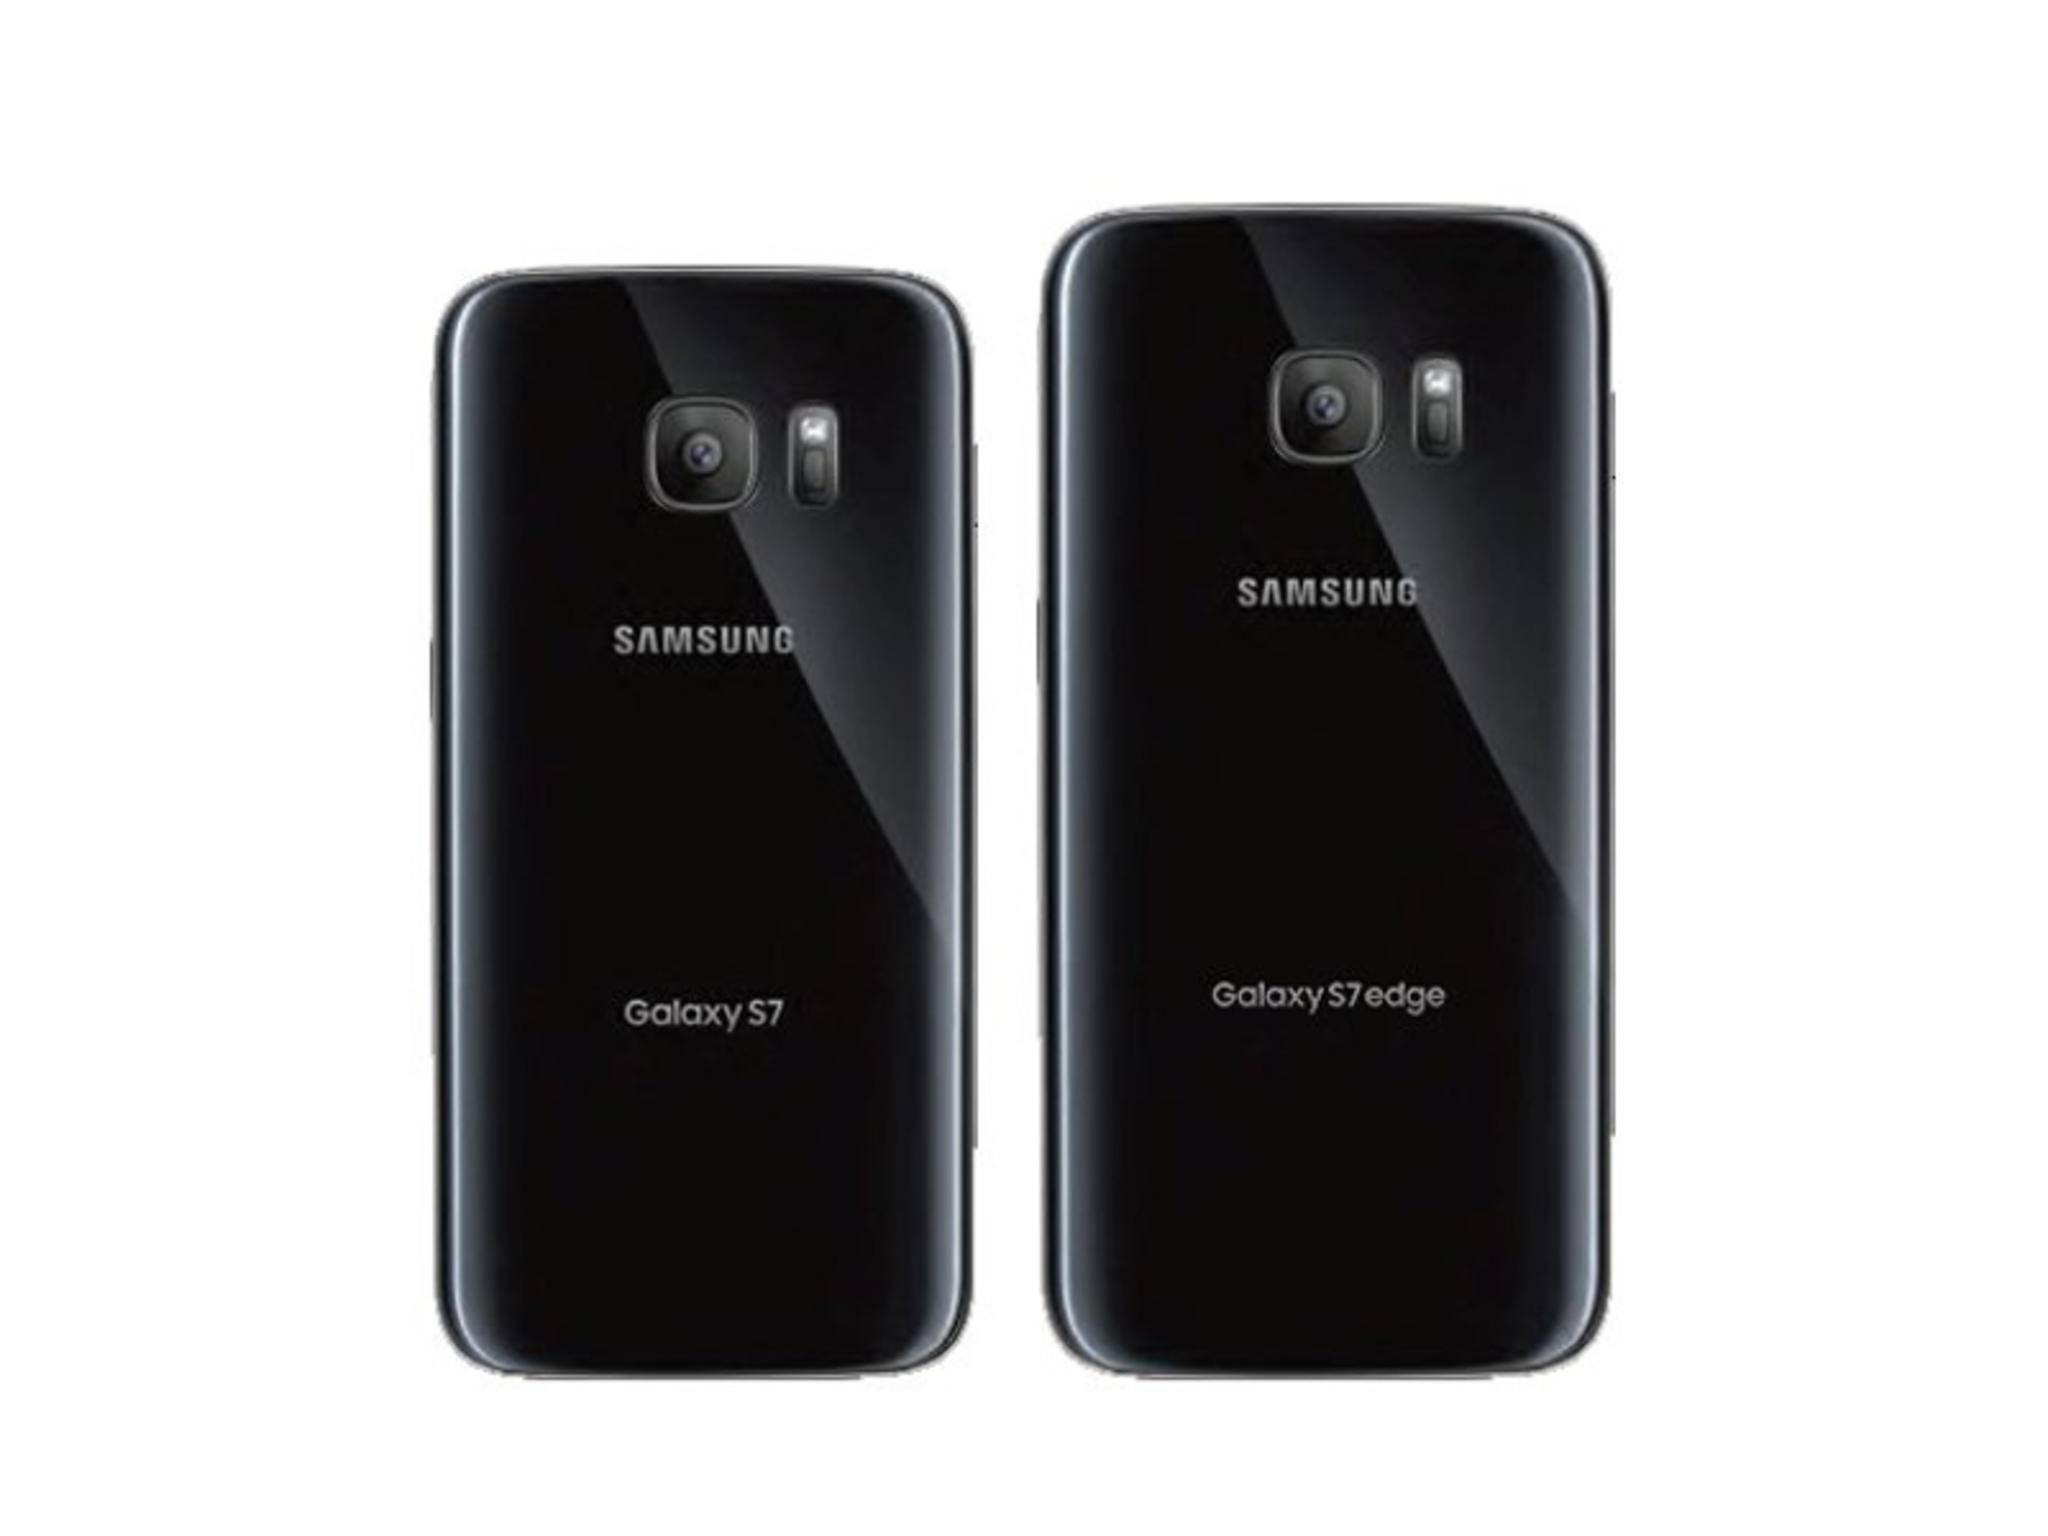 Die Rückseite von Galaxy S7 und Galaxy S7 Edge.